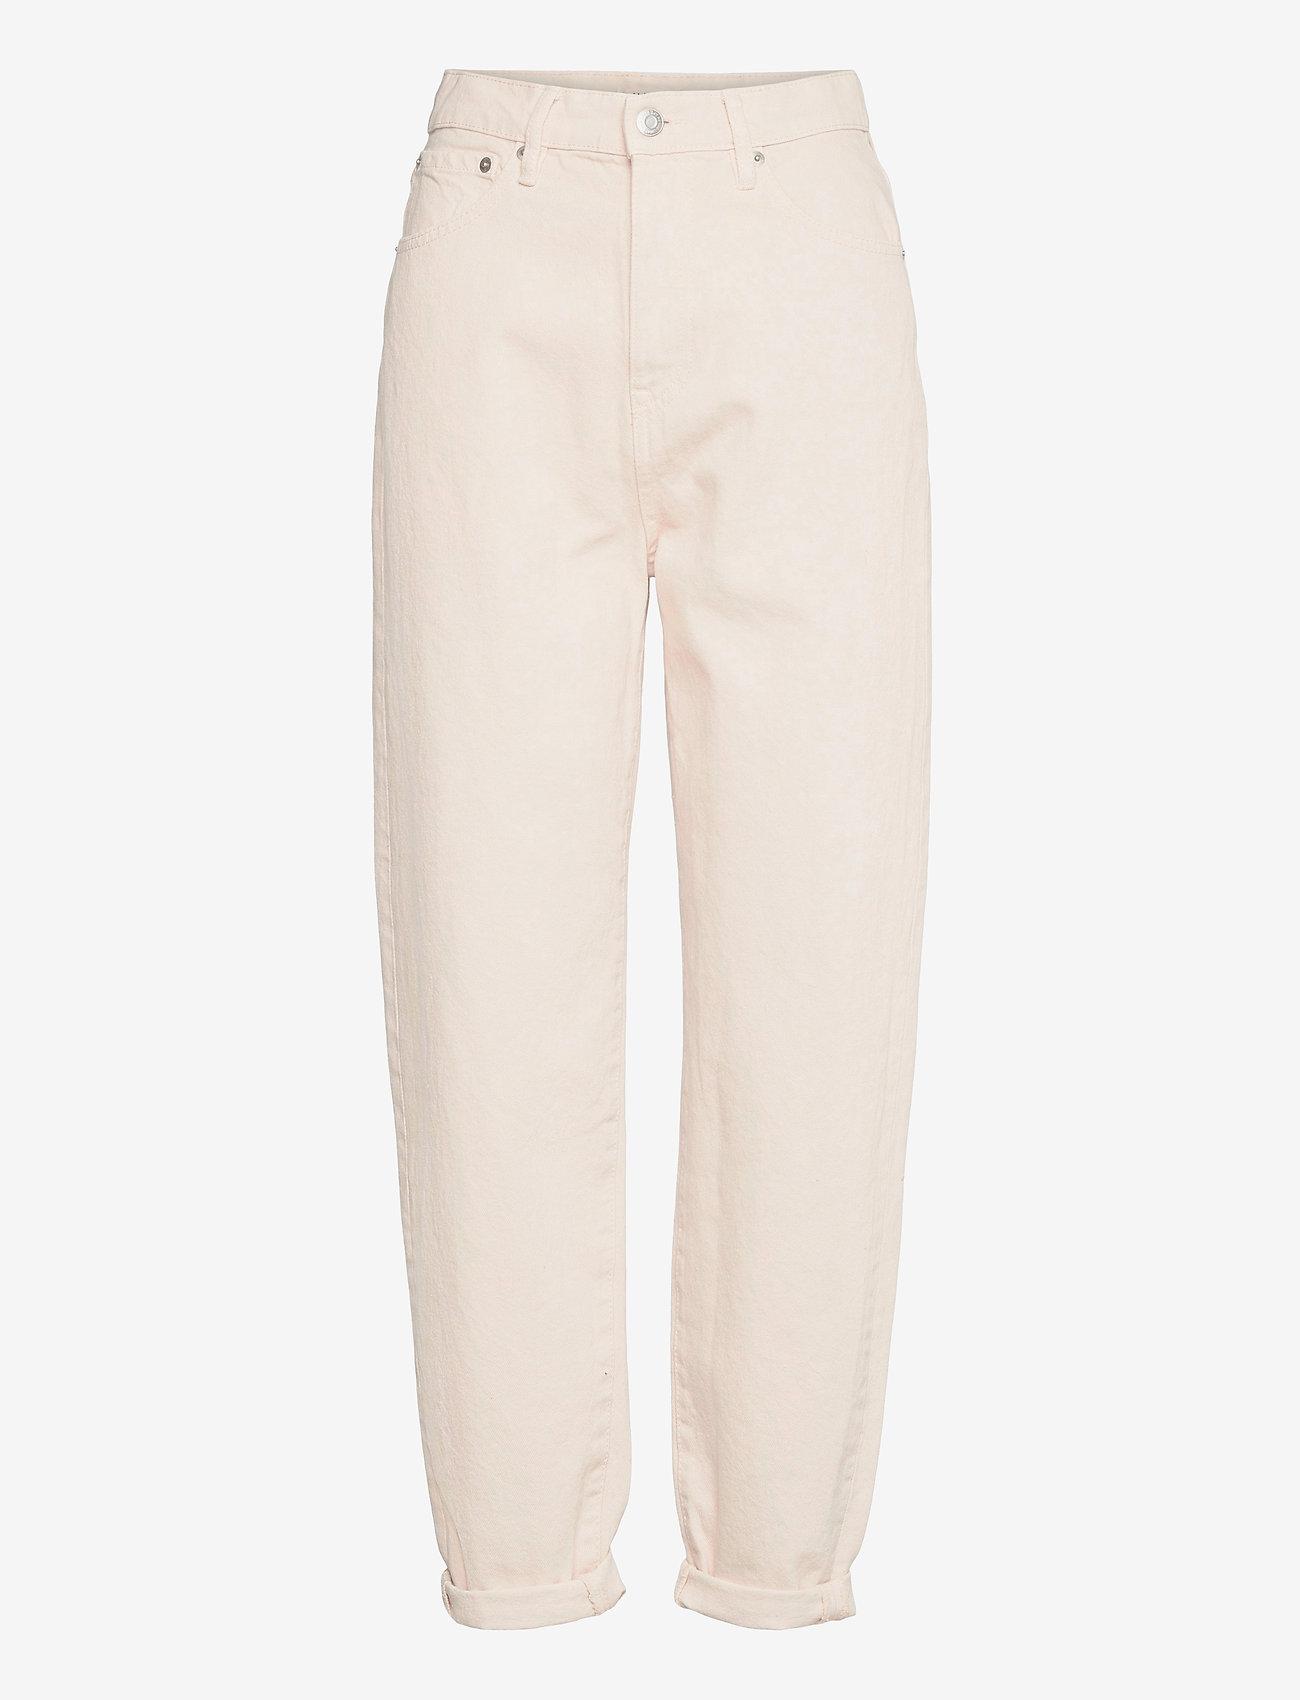 Lindex - Trousers denim Pam ecru - mom jeans - beige - 0